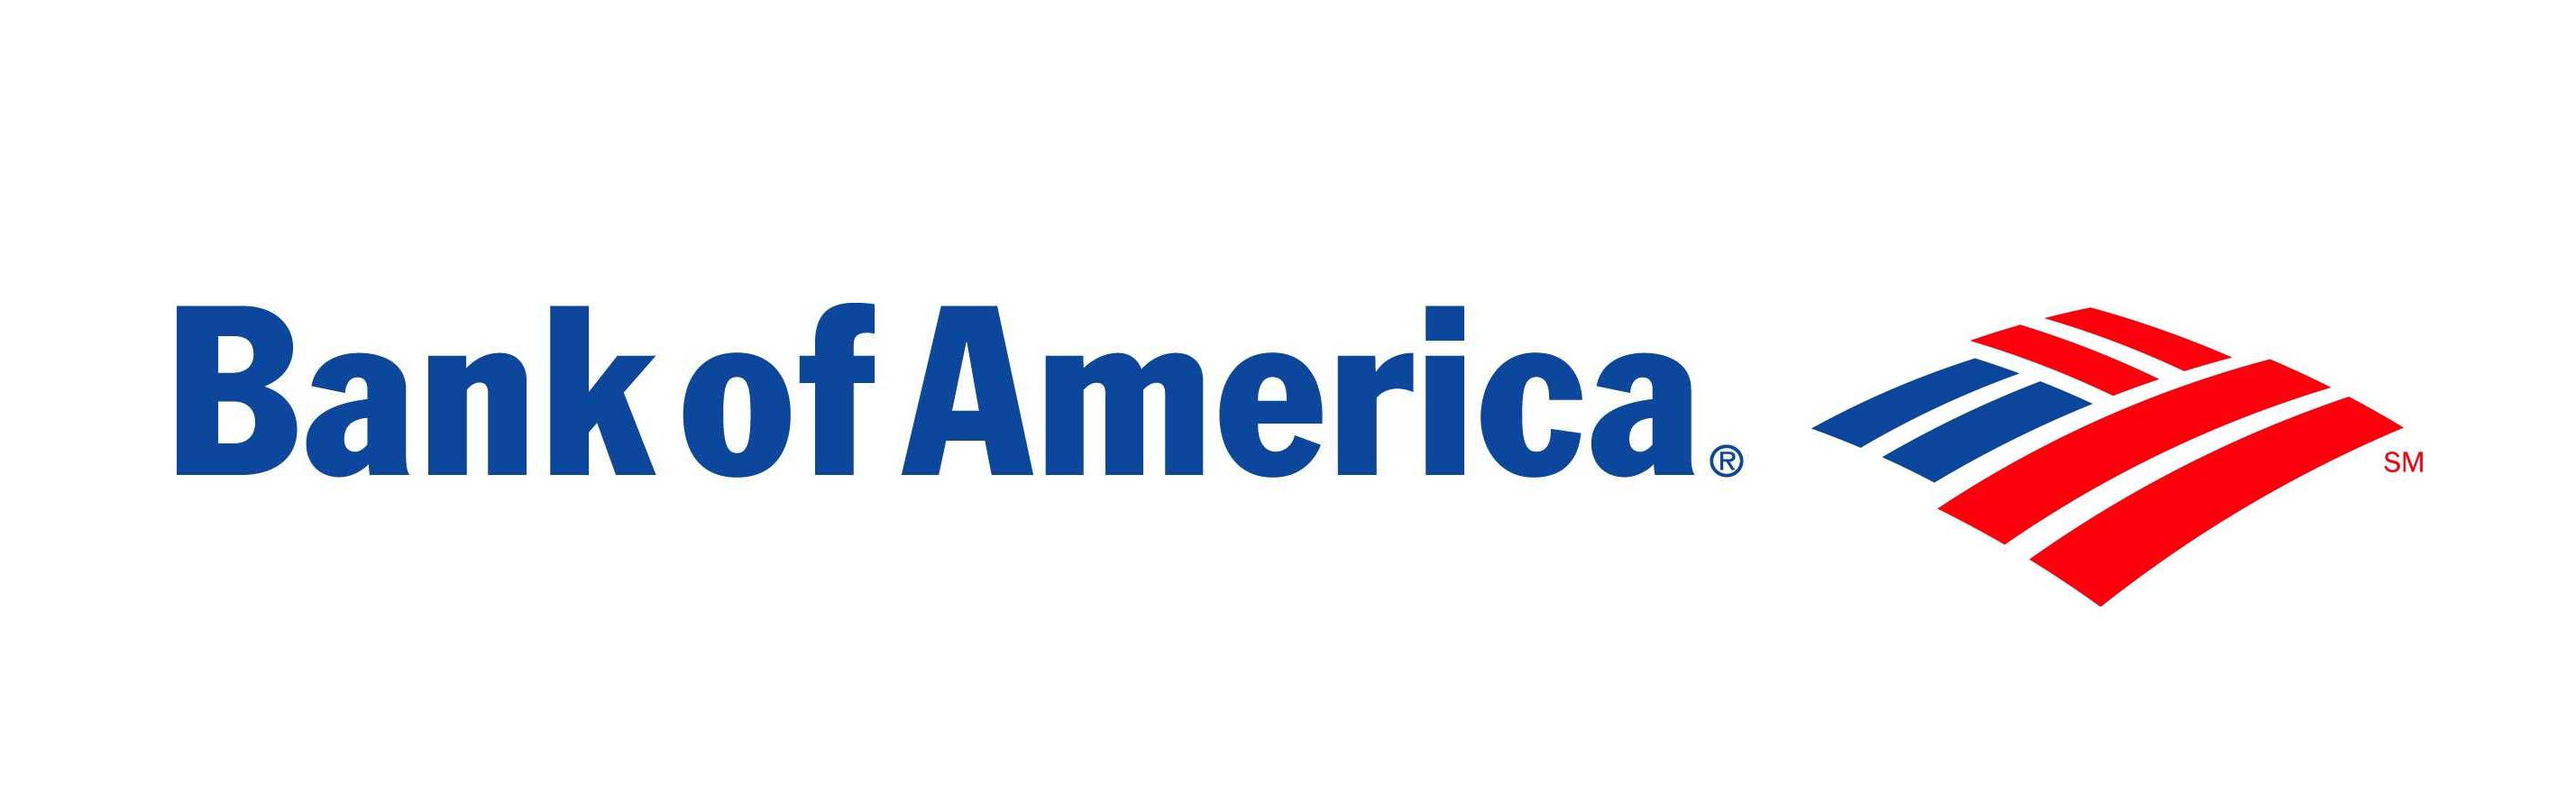 Bank Of America Logos